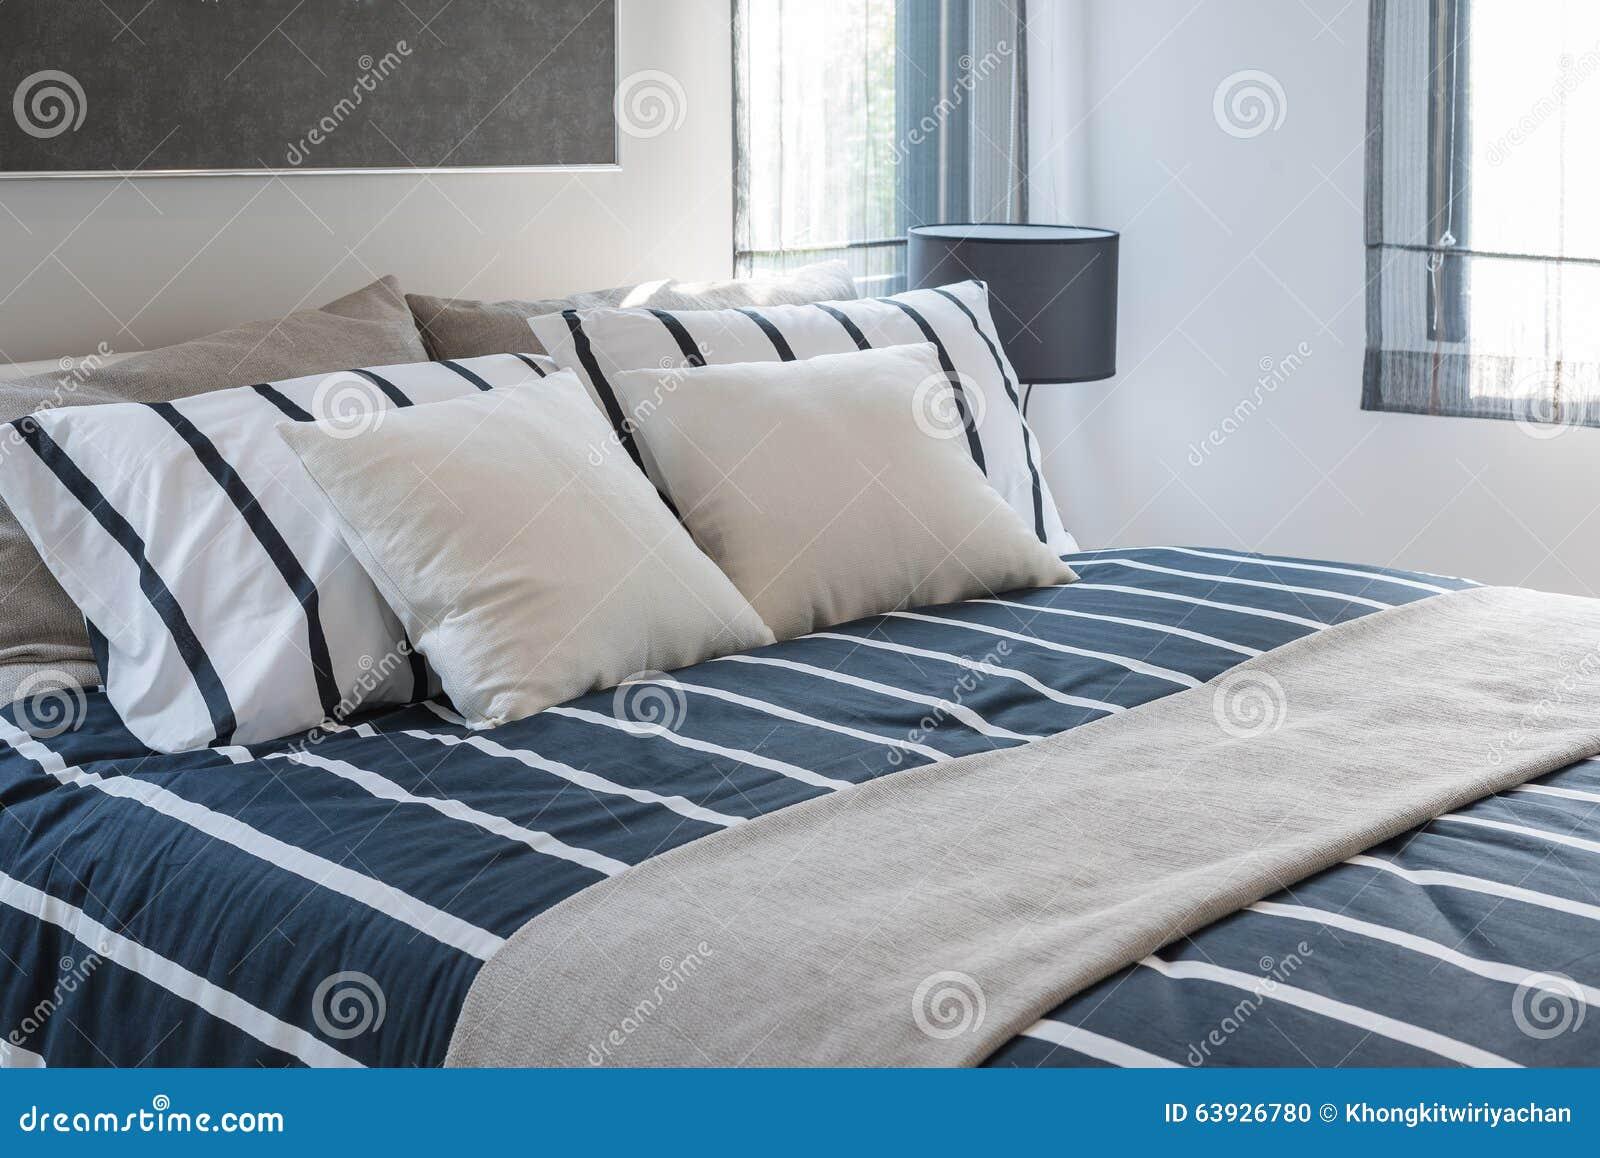 Progettazione moderna della camera da letto con i cuscini sul letto blu fotografia stock - Come mettere i cuscini sul letto ...